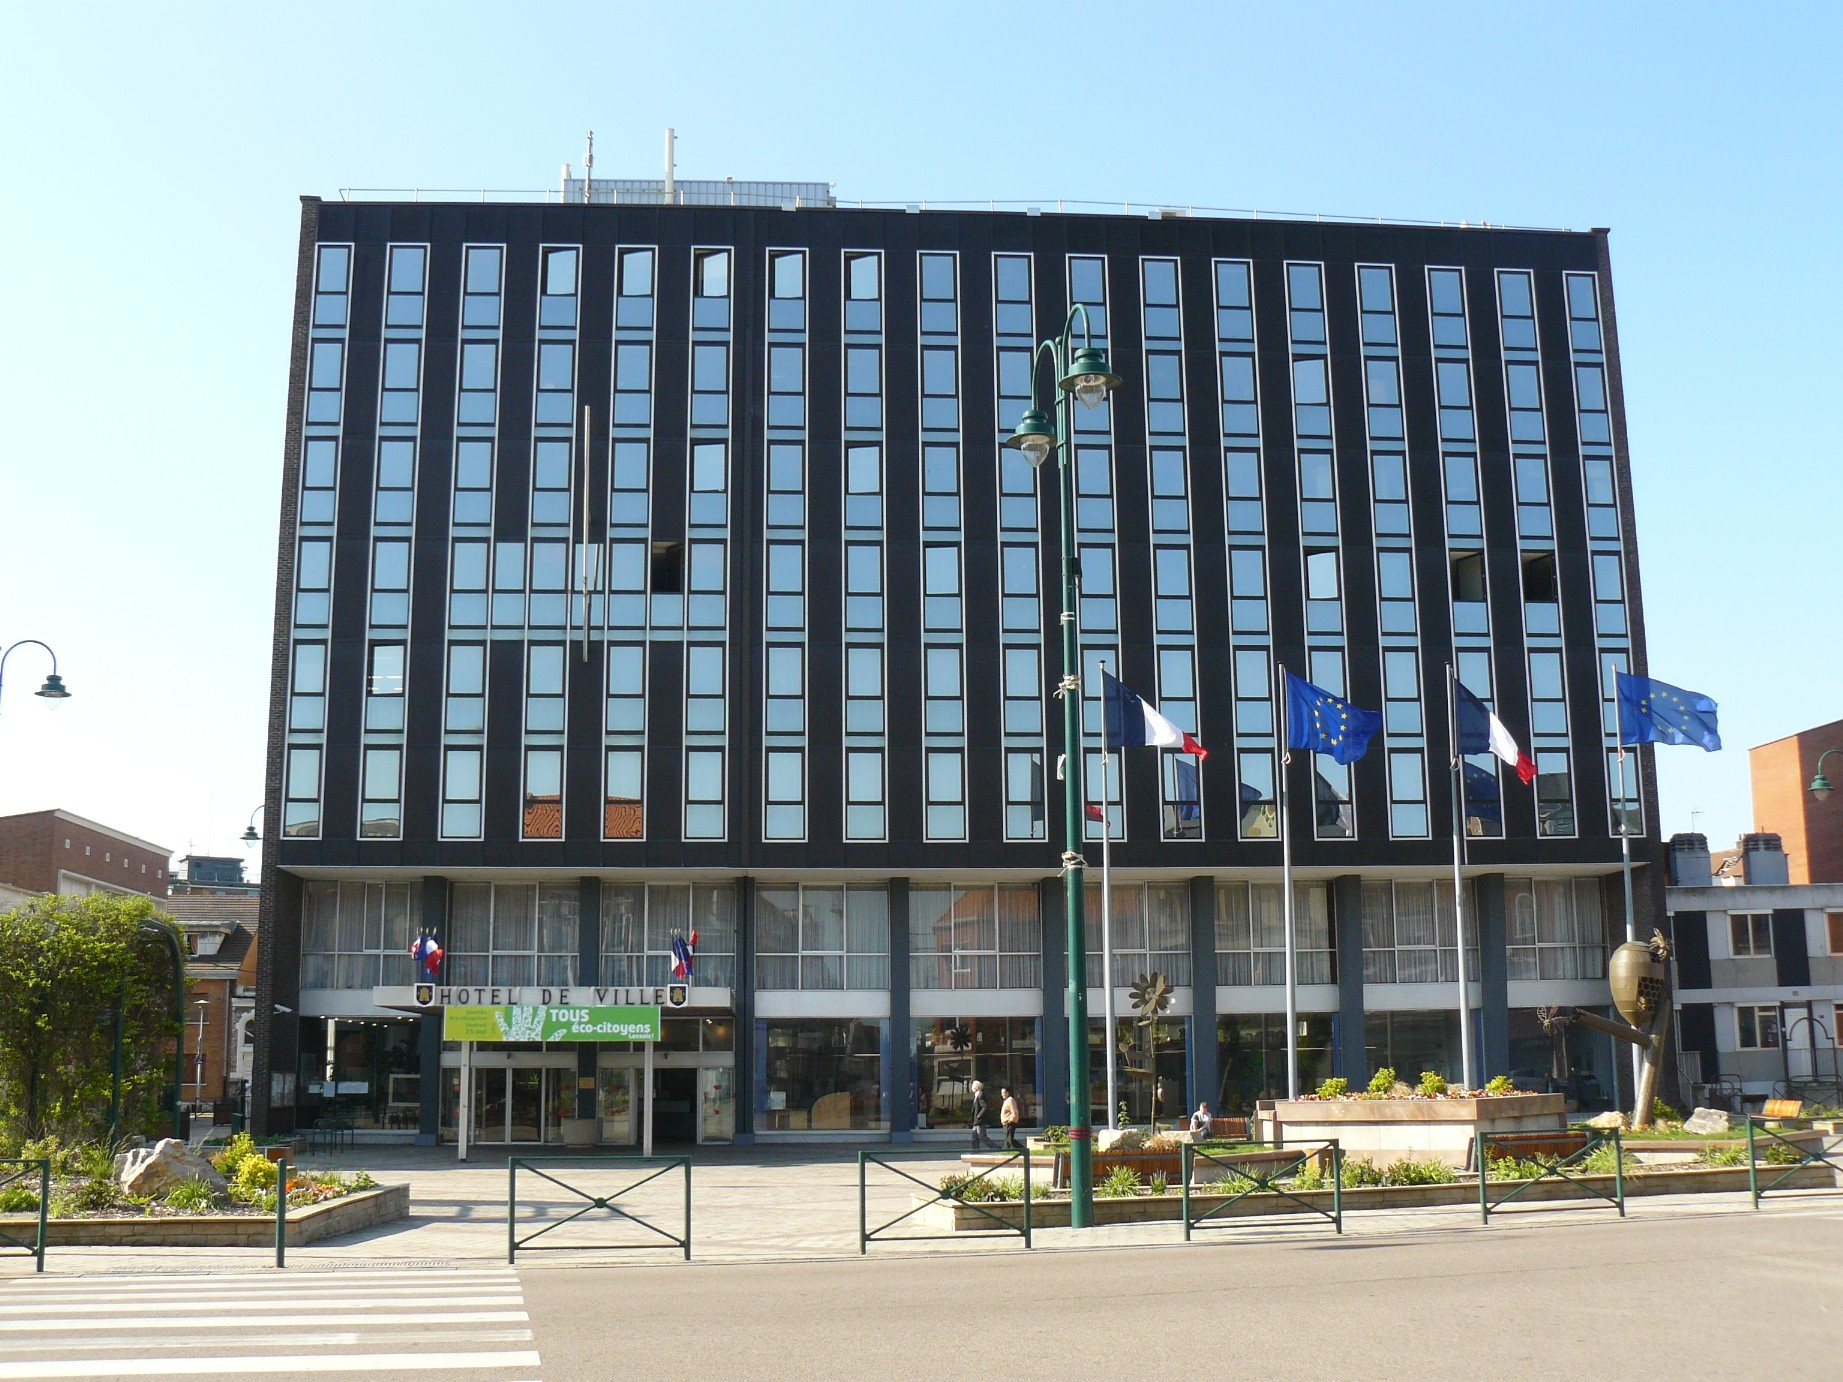 Hotel De Ville De Lens